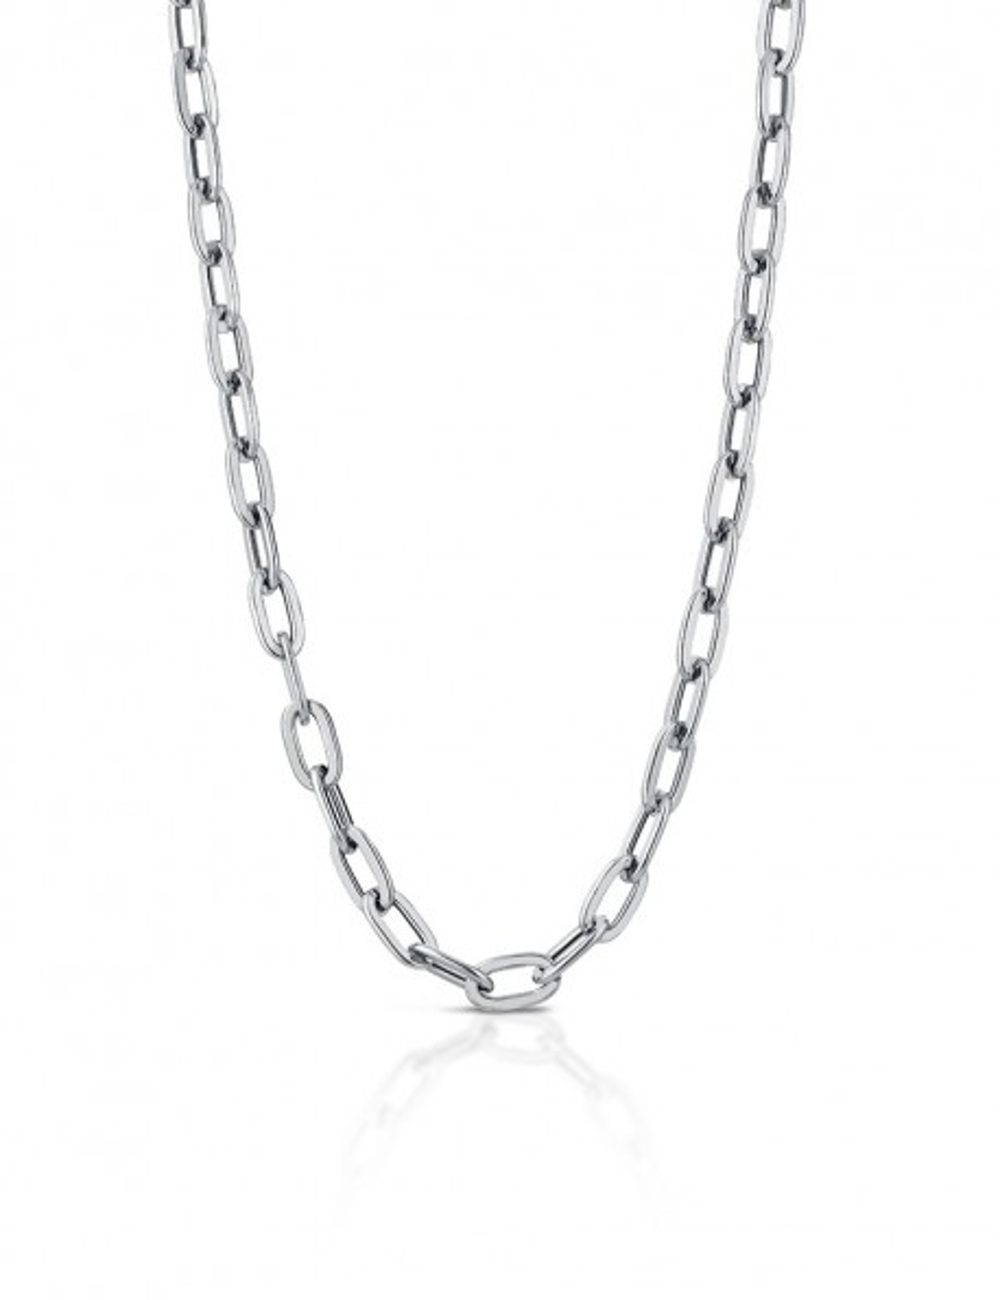 Collana Silver C11 - 48cm